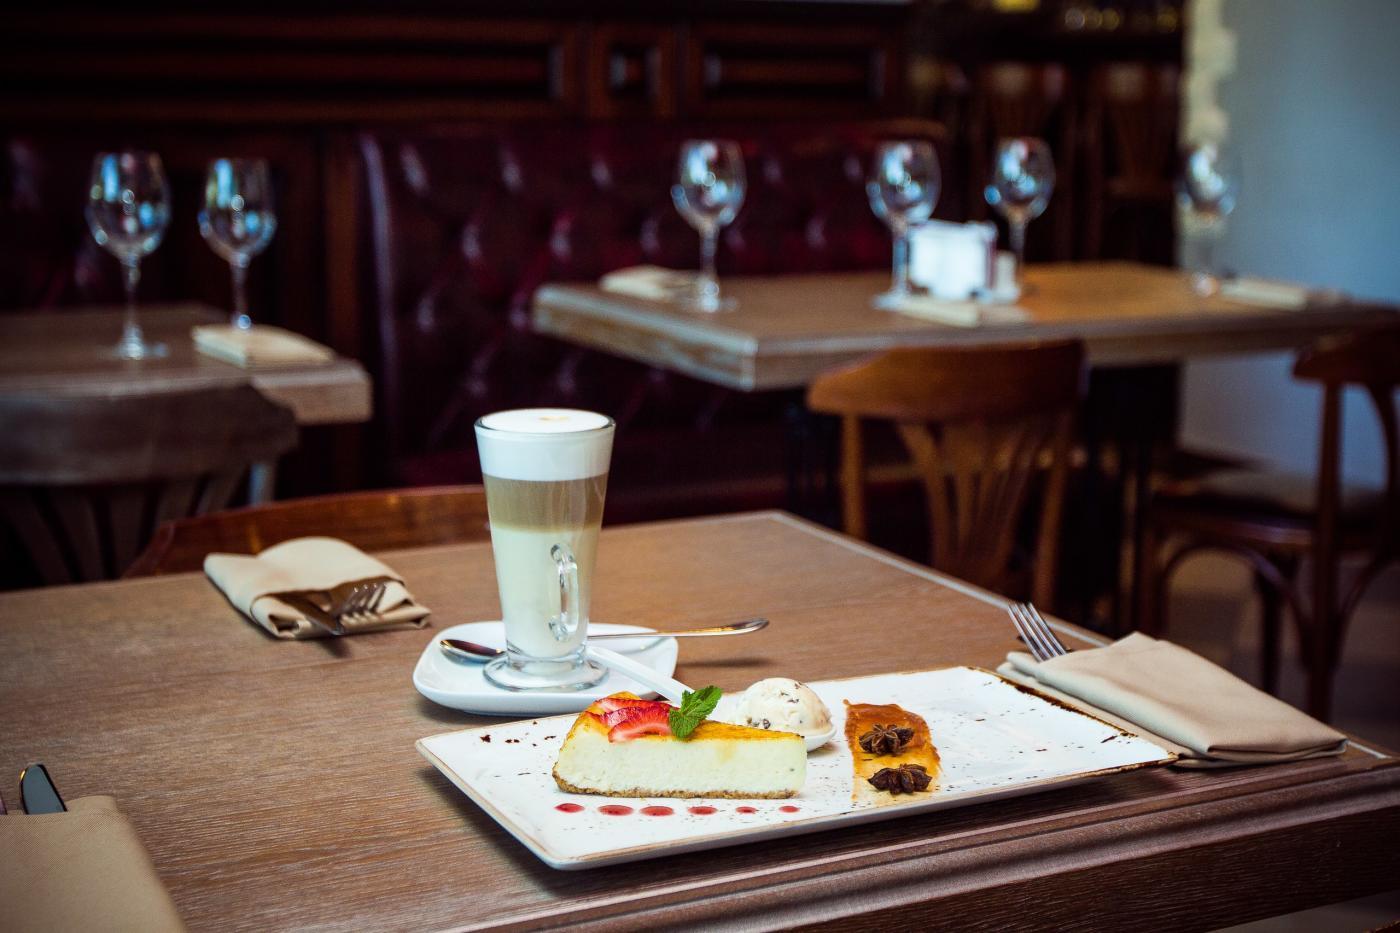 Средиземноморский Ресторан Terra & Mare Rome Barcelona (Терра Маре Рома Барселона) фото 47